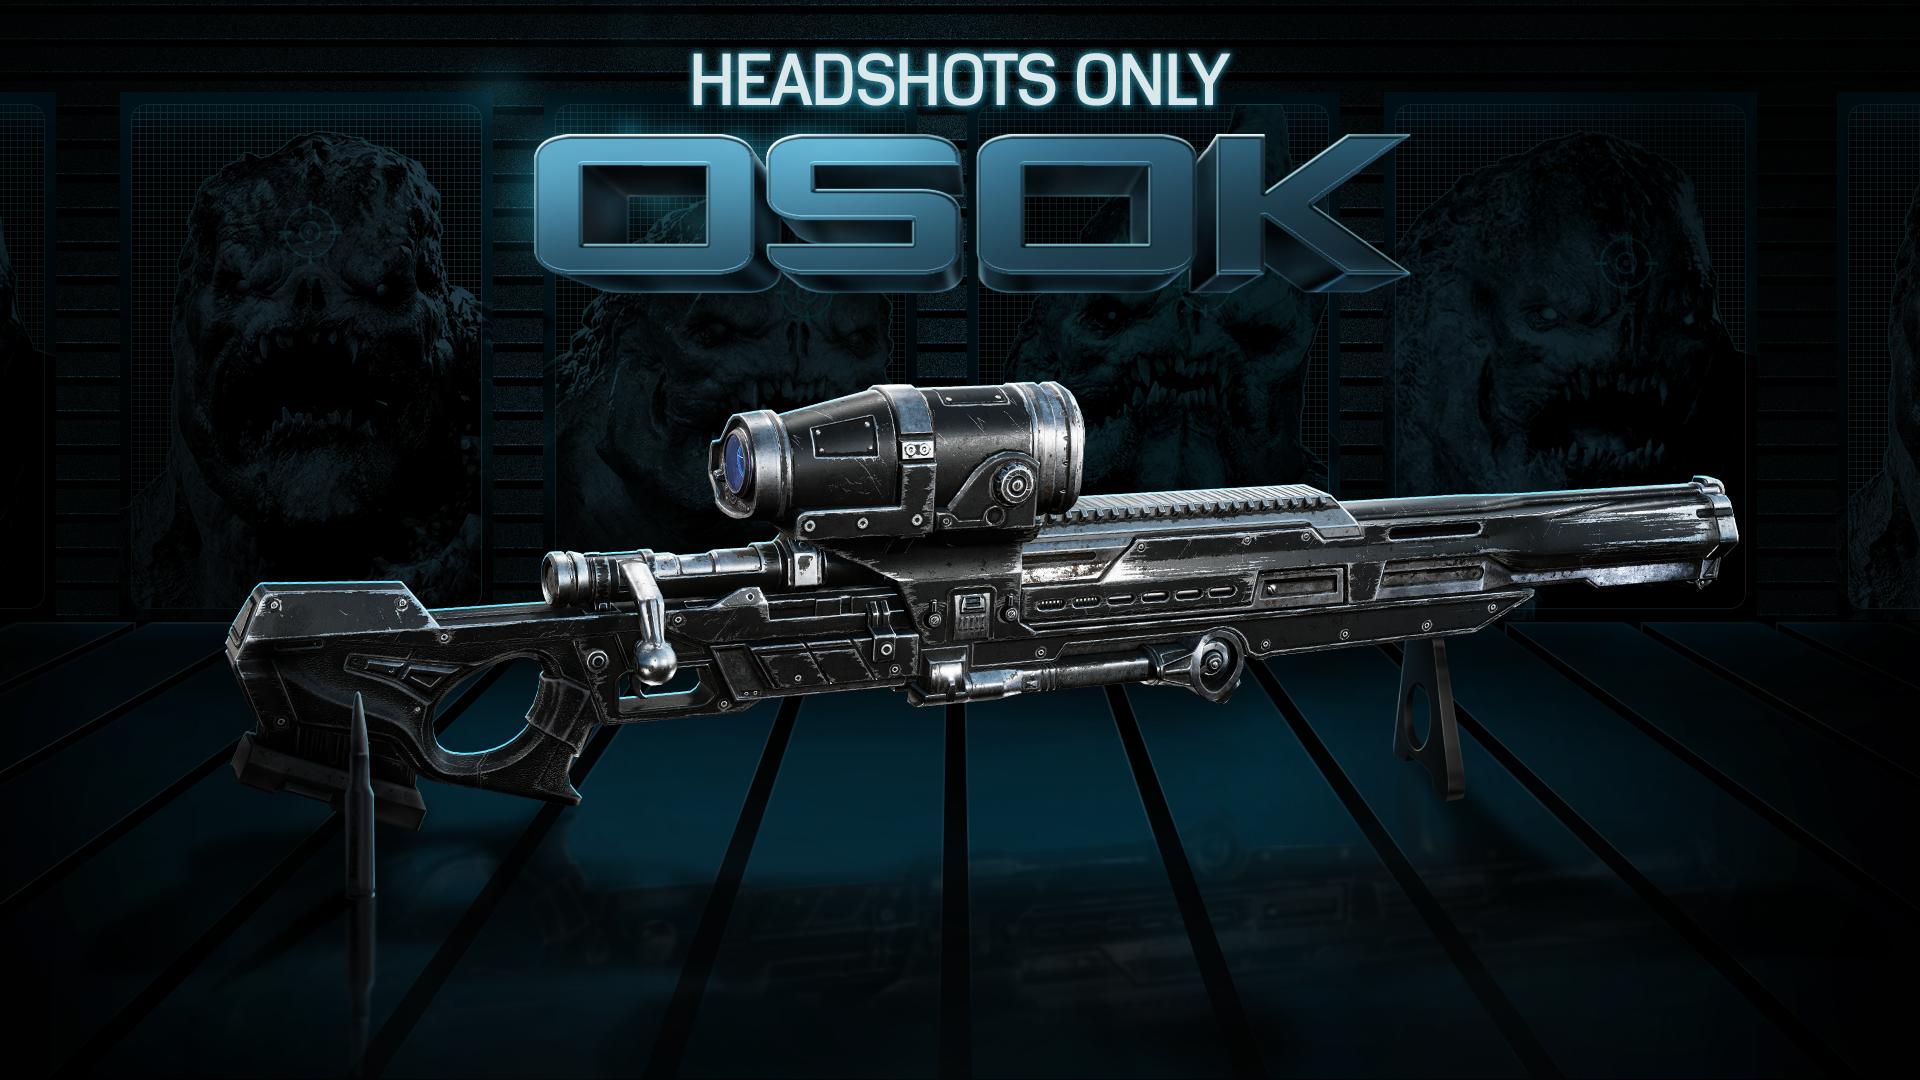 osok_hsonly_wide-596535d3a85c4d4995f03e6